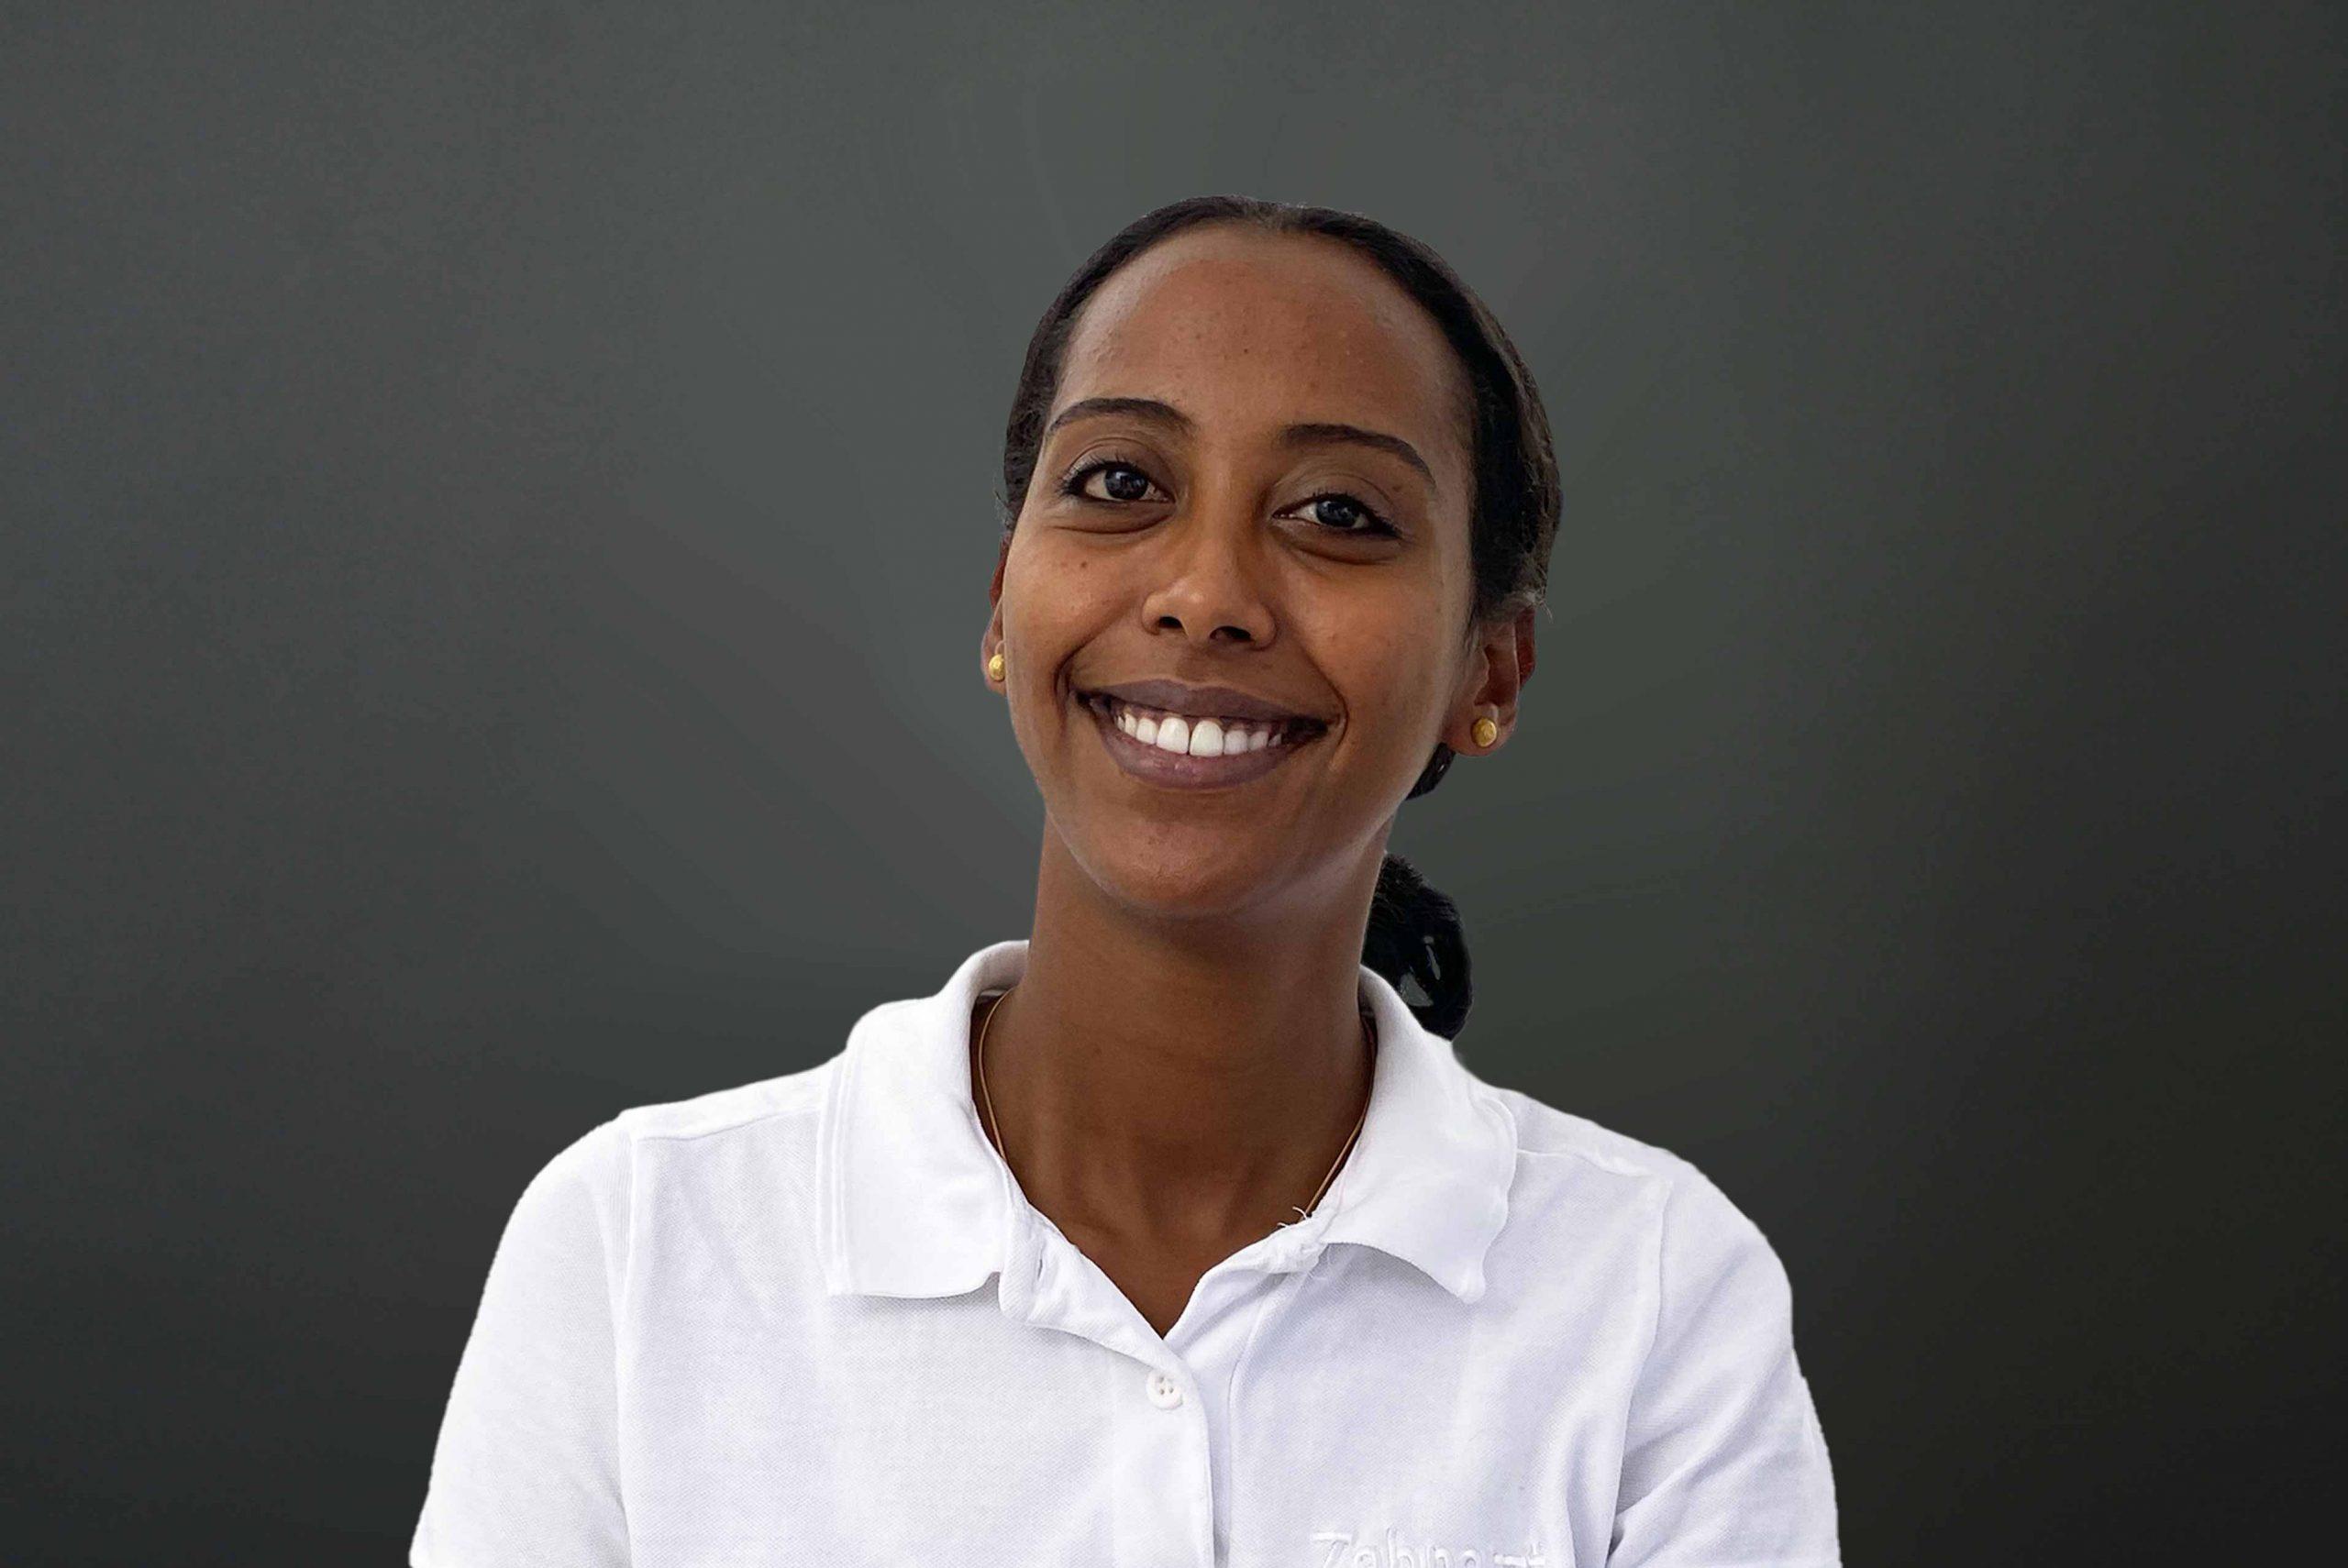 Nebyat Kahsay ist Dentalhygienikerin für Zahnprophylaxe Stuttgart